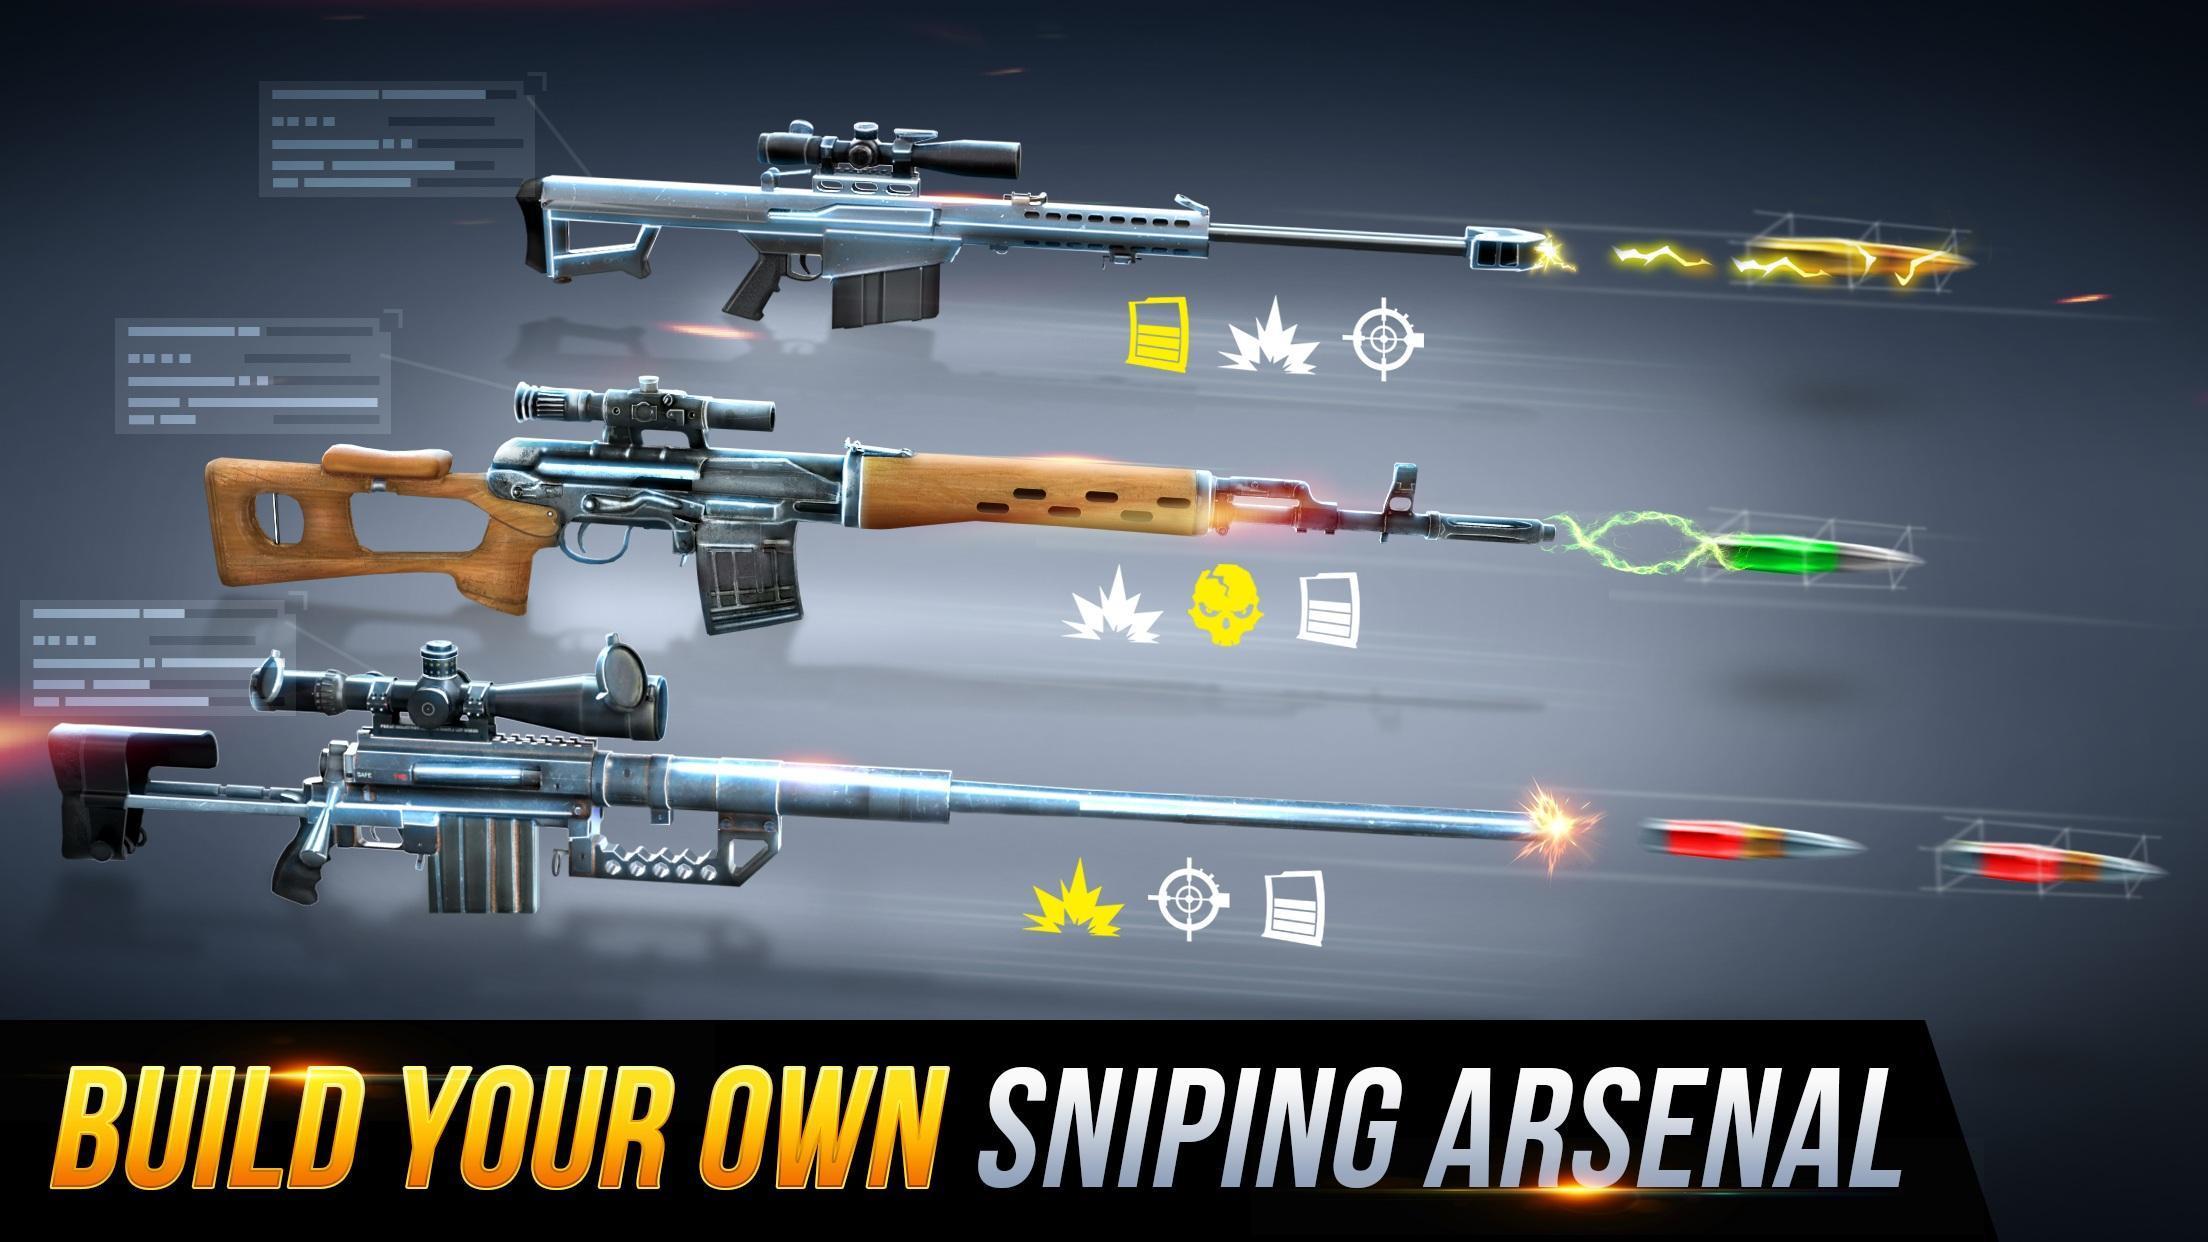 Sniper Honor: Fun FPS 3D Gun Shooting Game 2020 1.8.1 Screenshot 10